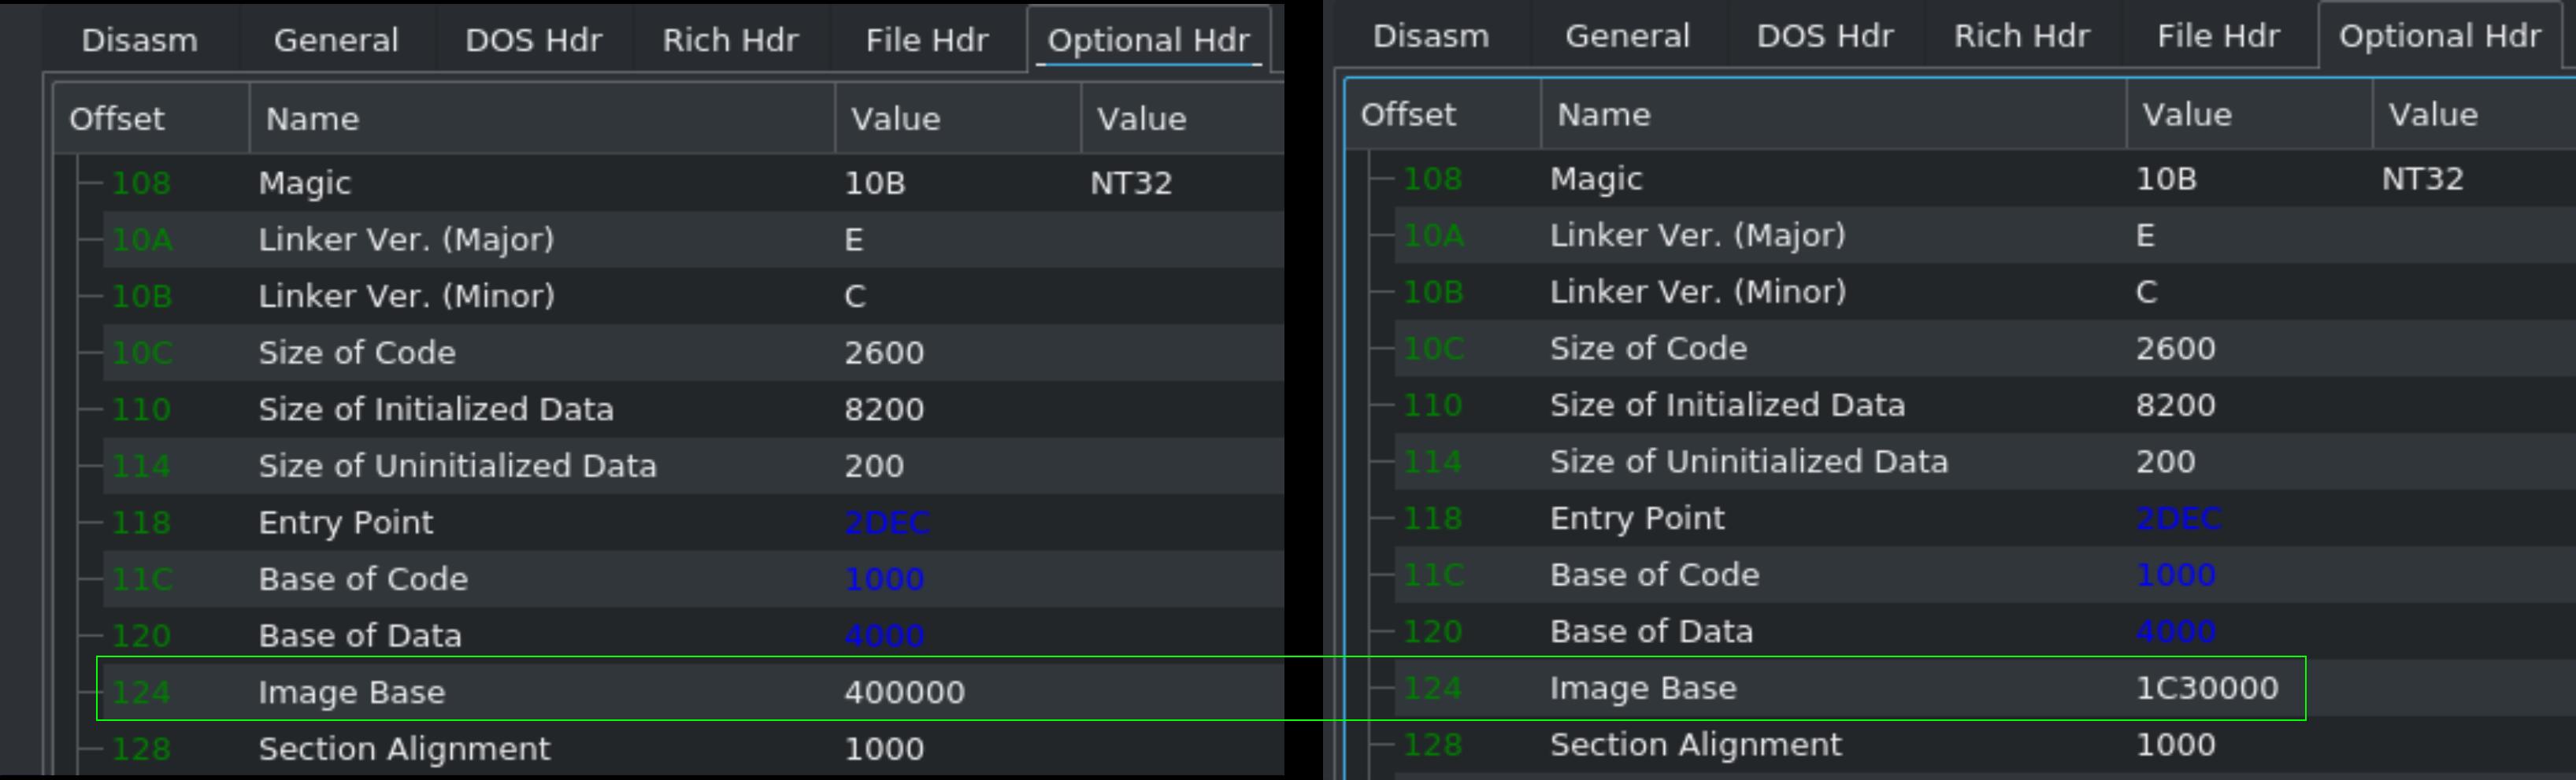 Image Base Adjustment